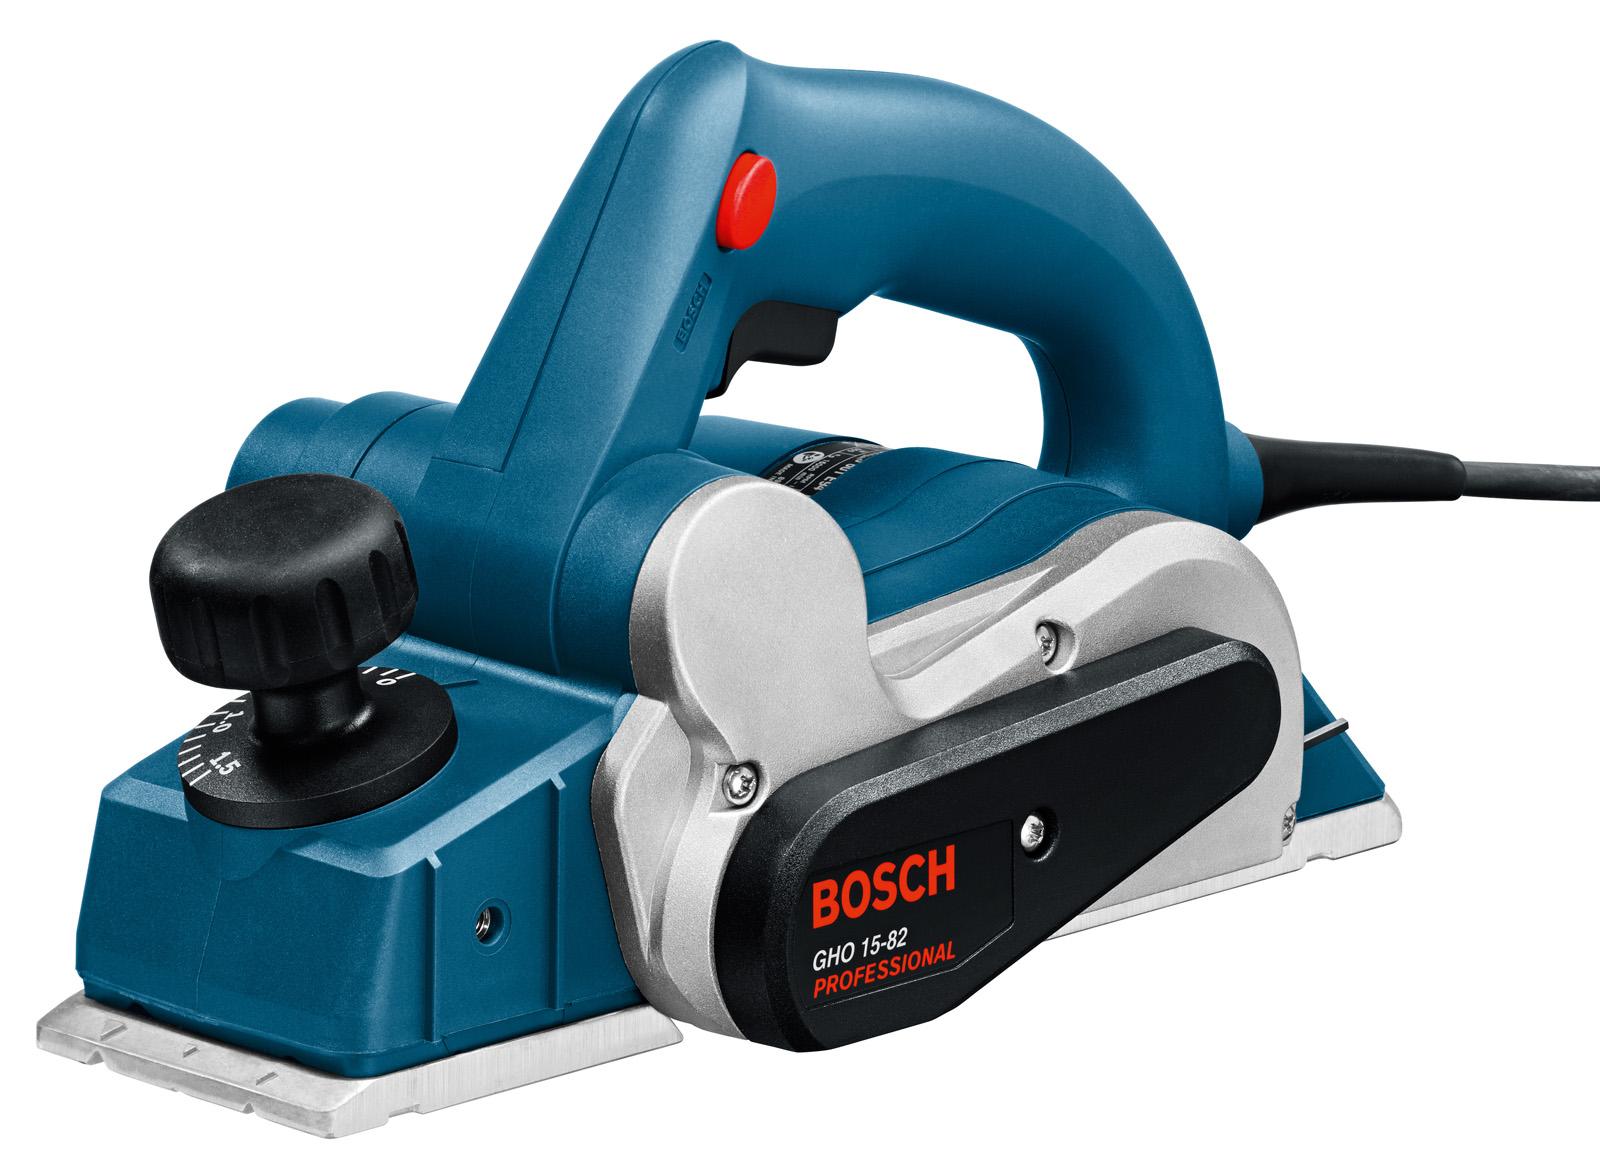 Рубанок Bosch Gho 15-82 (0.601.594.003) рубанок bosch gho 26 82 d 06015a4301